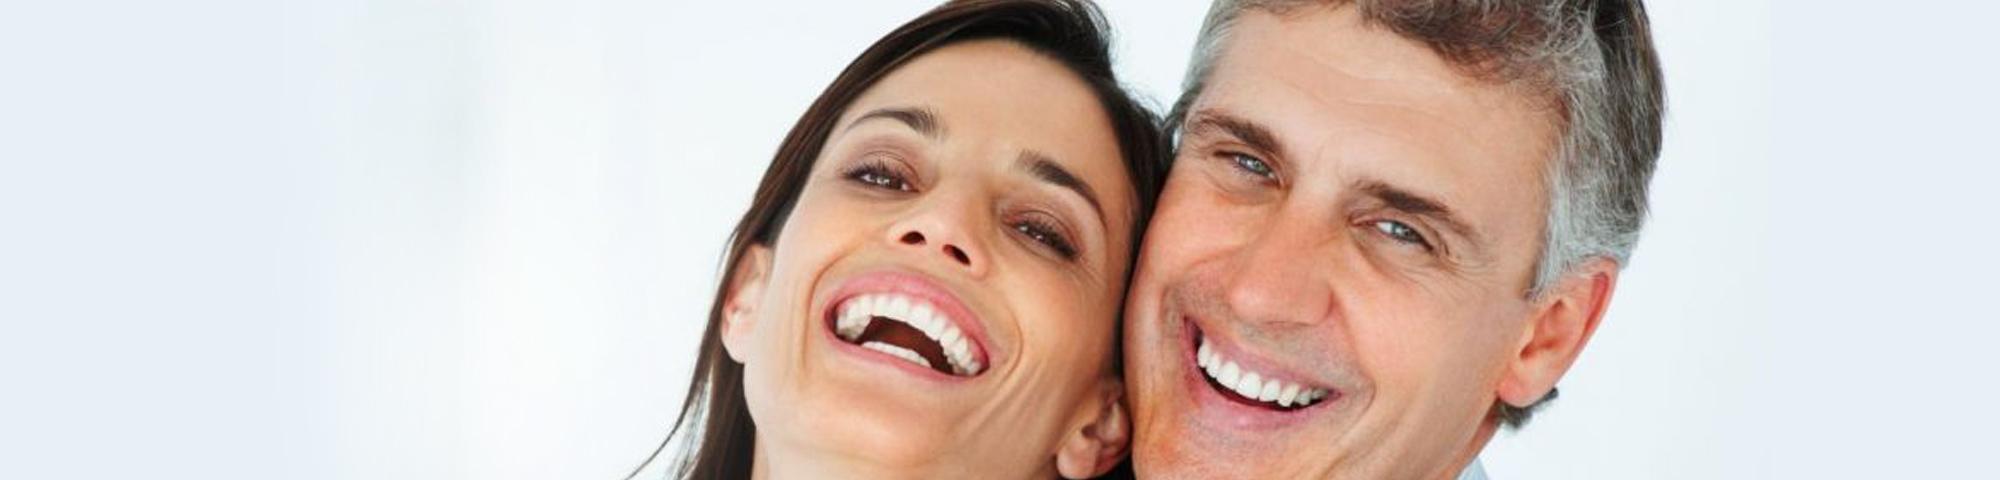 Dentist Christchurch Dental crowns veneers white fillings